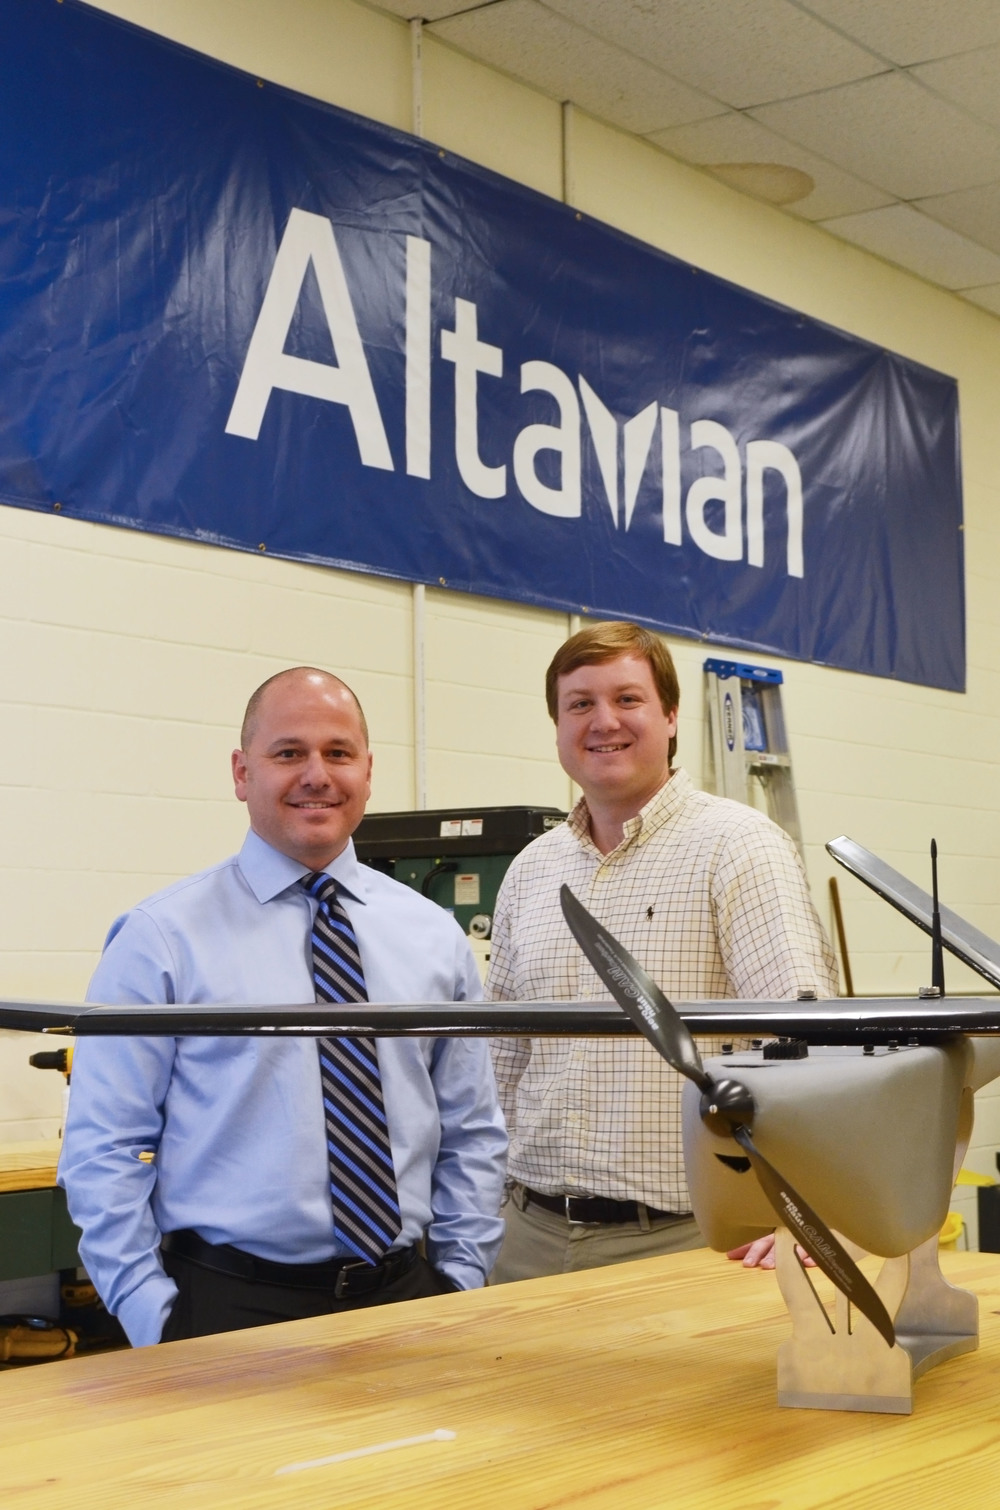 Altavian ad.jpg